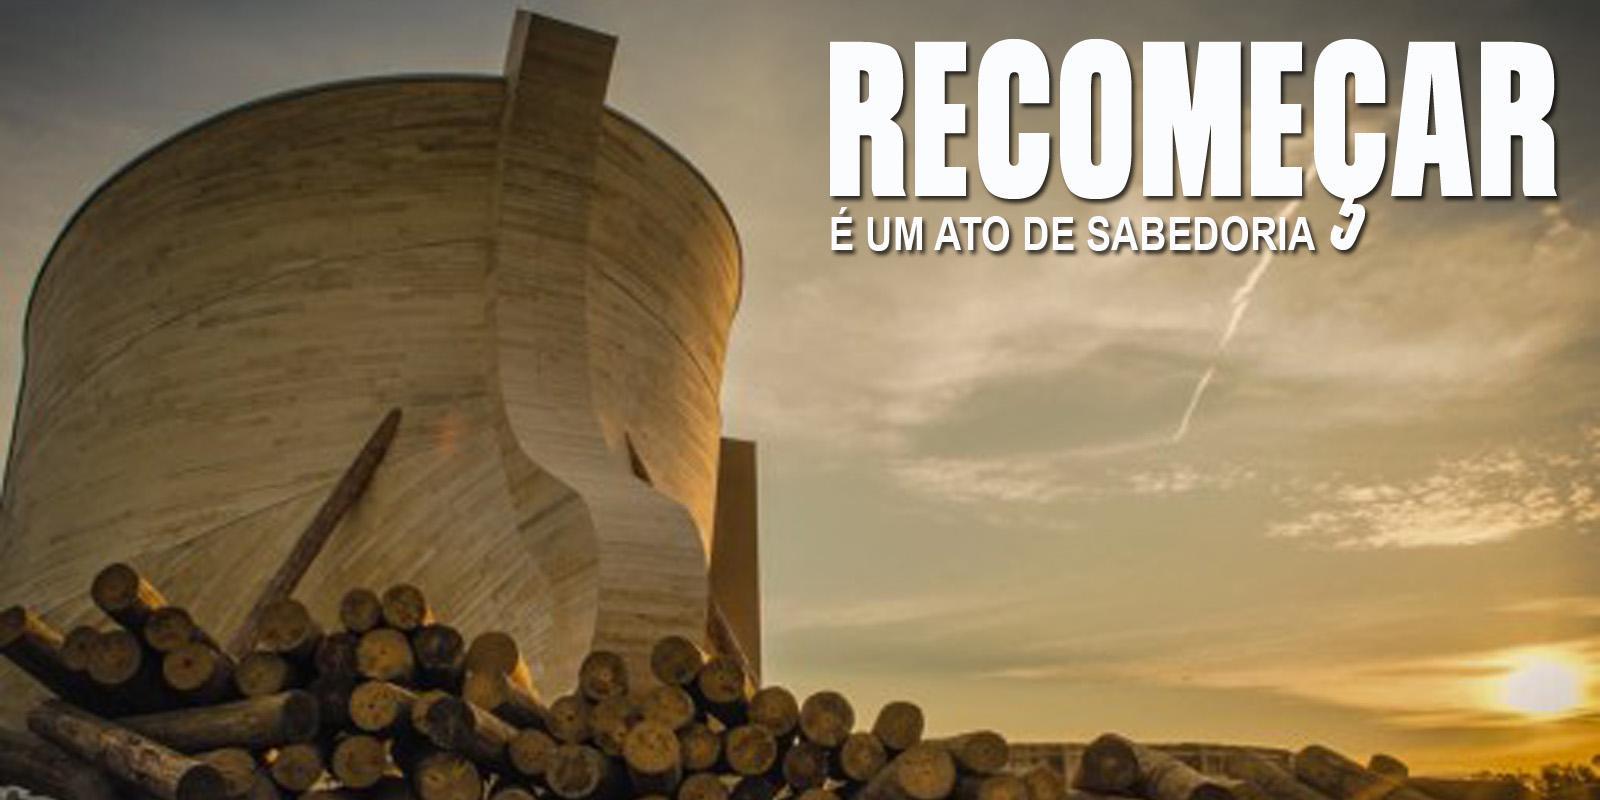 RECOMEÇAR É UM ATO DE SABEDORIA